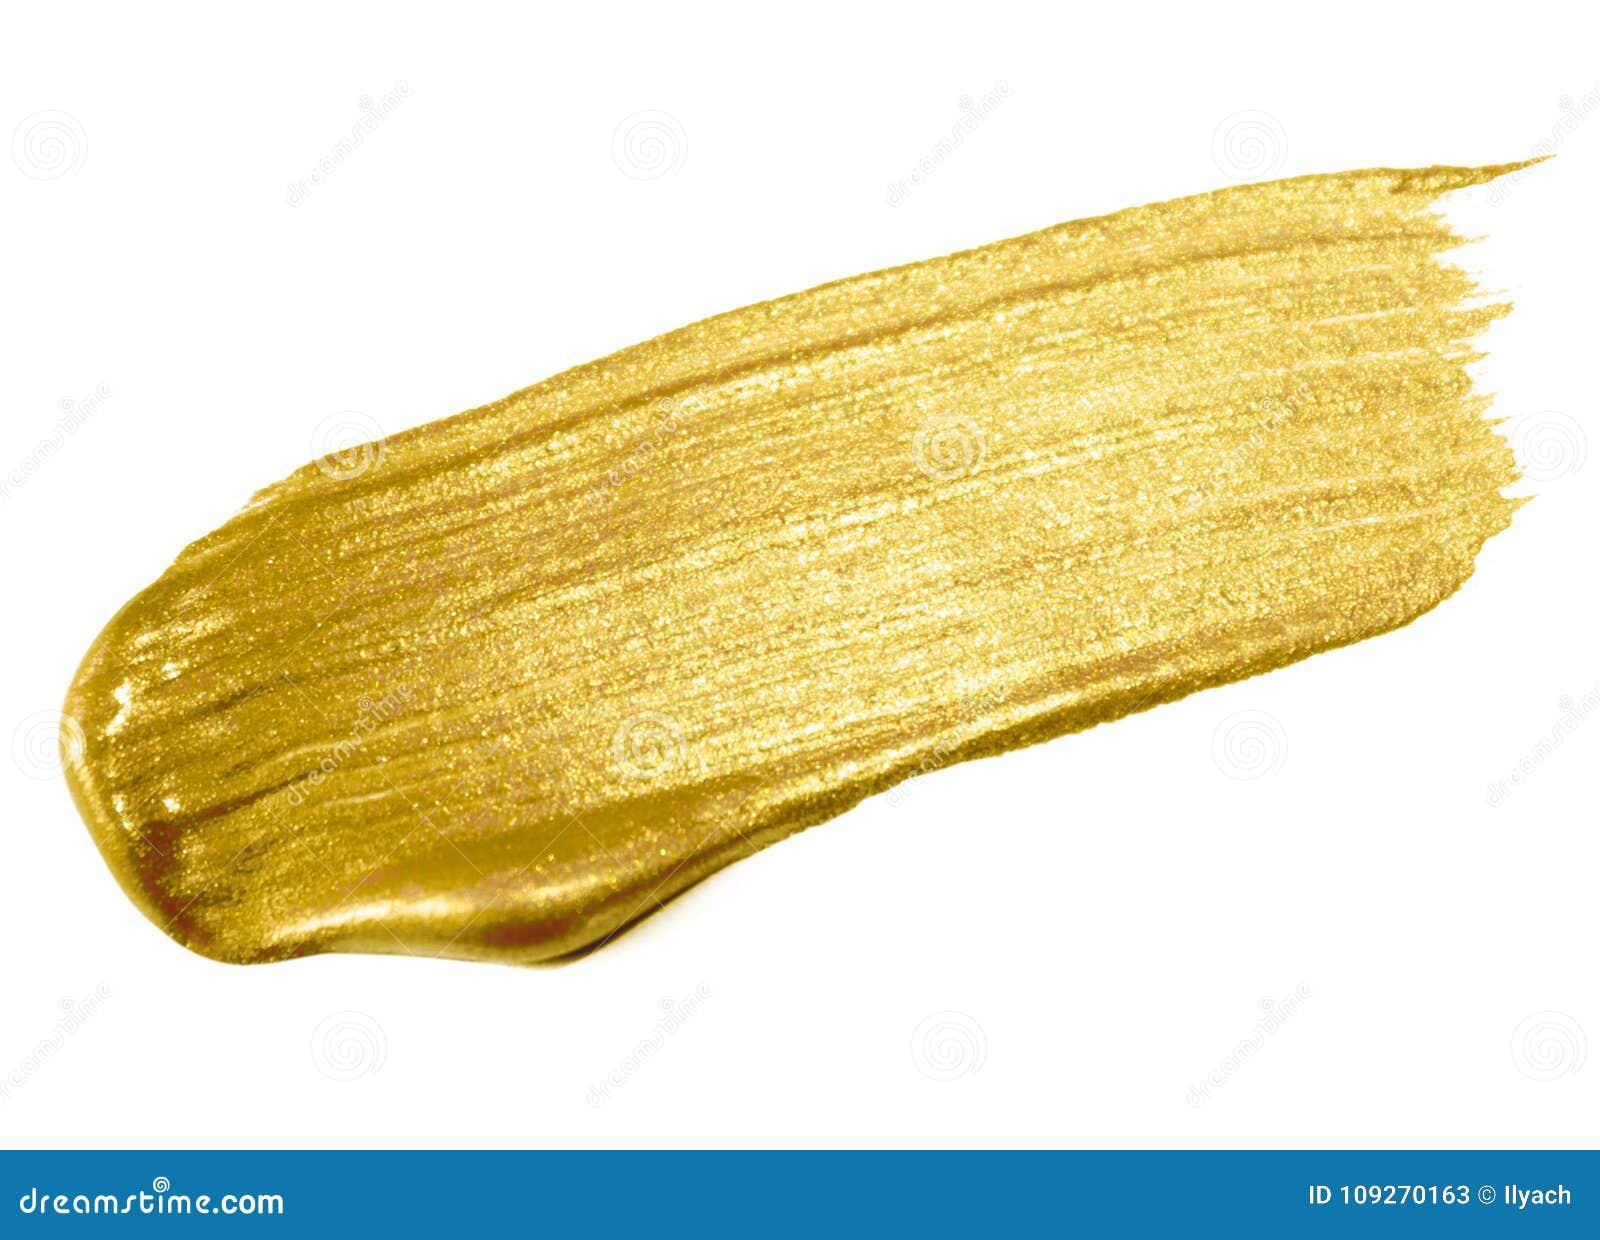 Χρυσό κτύπημα κηλίδων βουρτσών χρωμάτων Ακρυλικός χρυσός λεκές χρώματος στο άσπρο υπόβαθρο Αφηρημένο χρυσό κατασκευασμένο στιλπνό